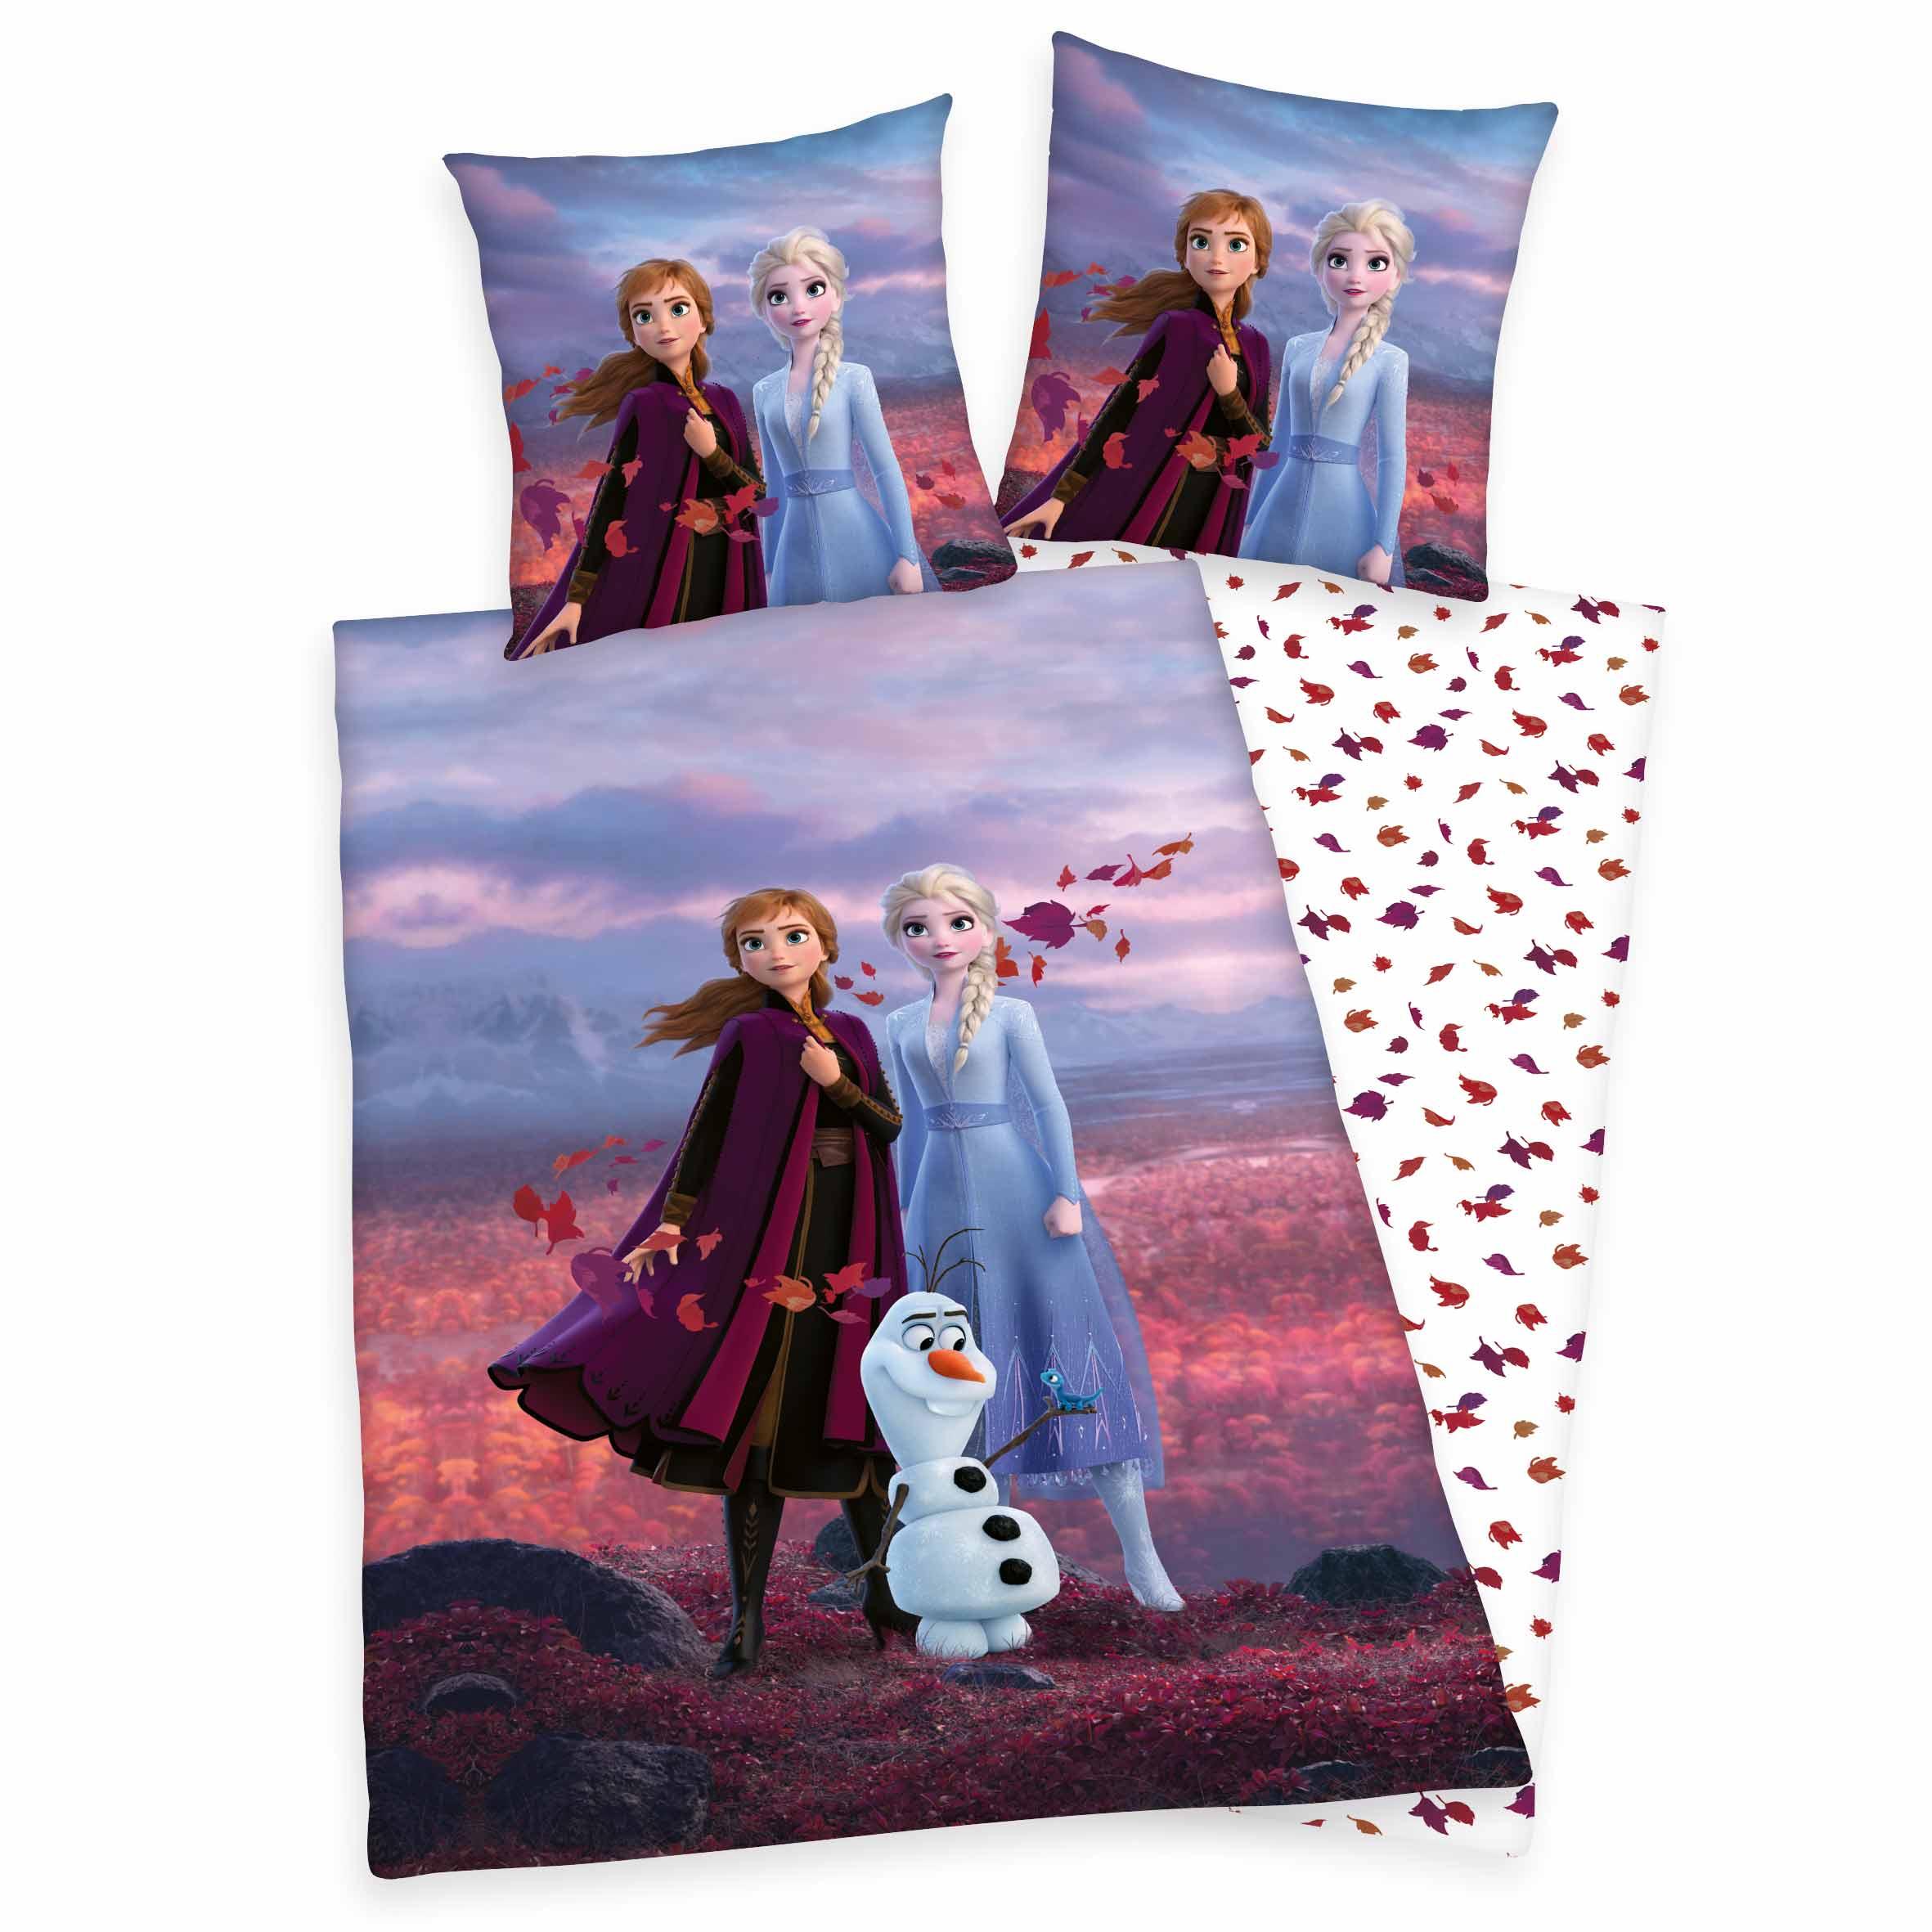 Produktbild Bettwäsche Disney die Eiskönigin 2 rot blau ganze Bettwäsche